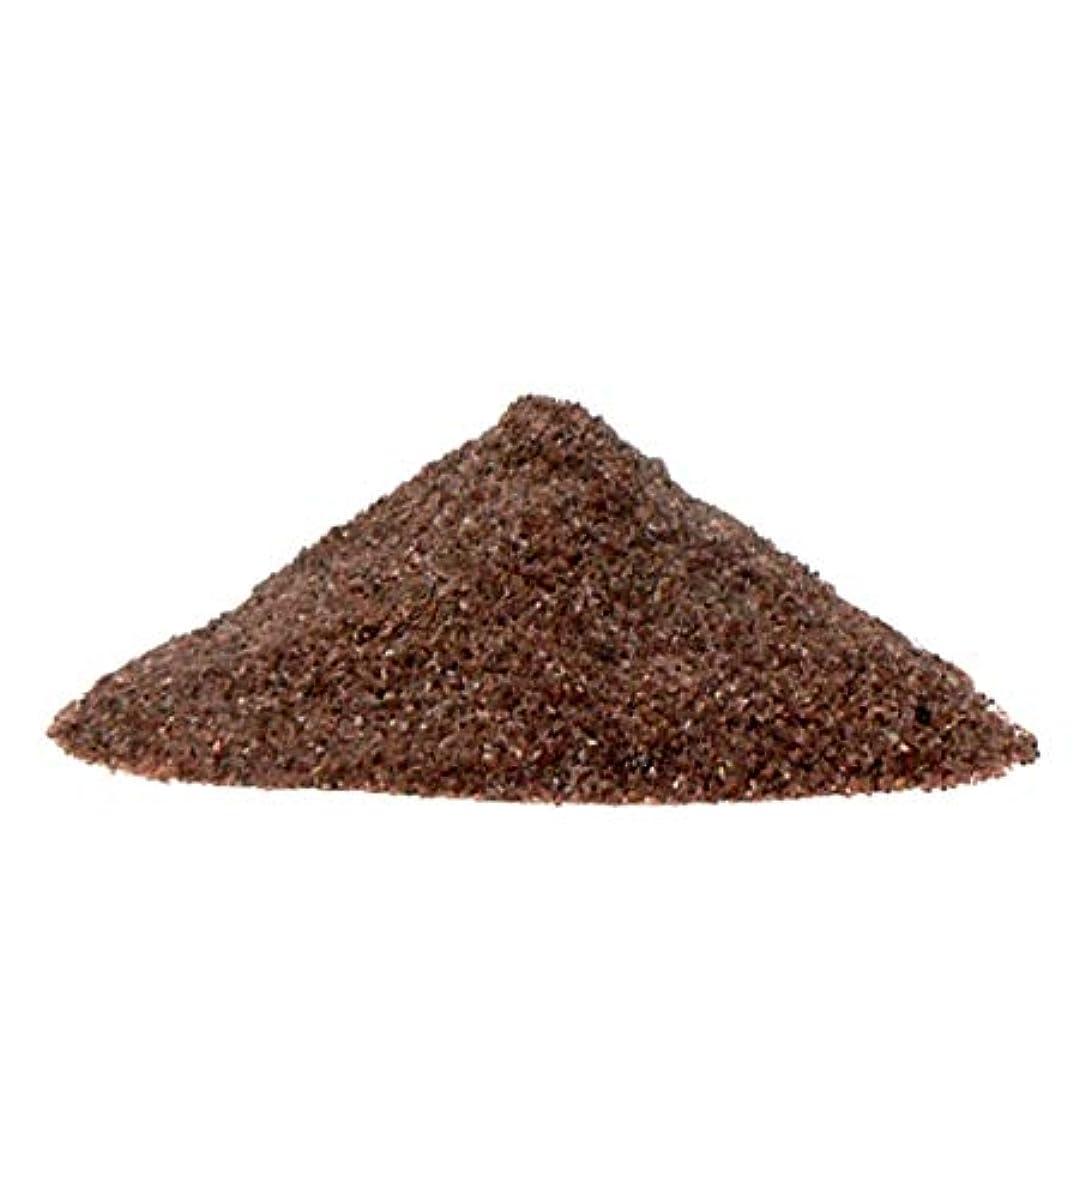 変動するひいきにする無条件増量中!ヒマラヤ岩塩 ブラックソルト 入浴用 バスソルト (微粒パウダー) 黒岩塩 (3kg+500g増量)